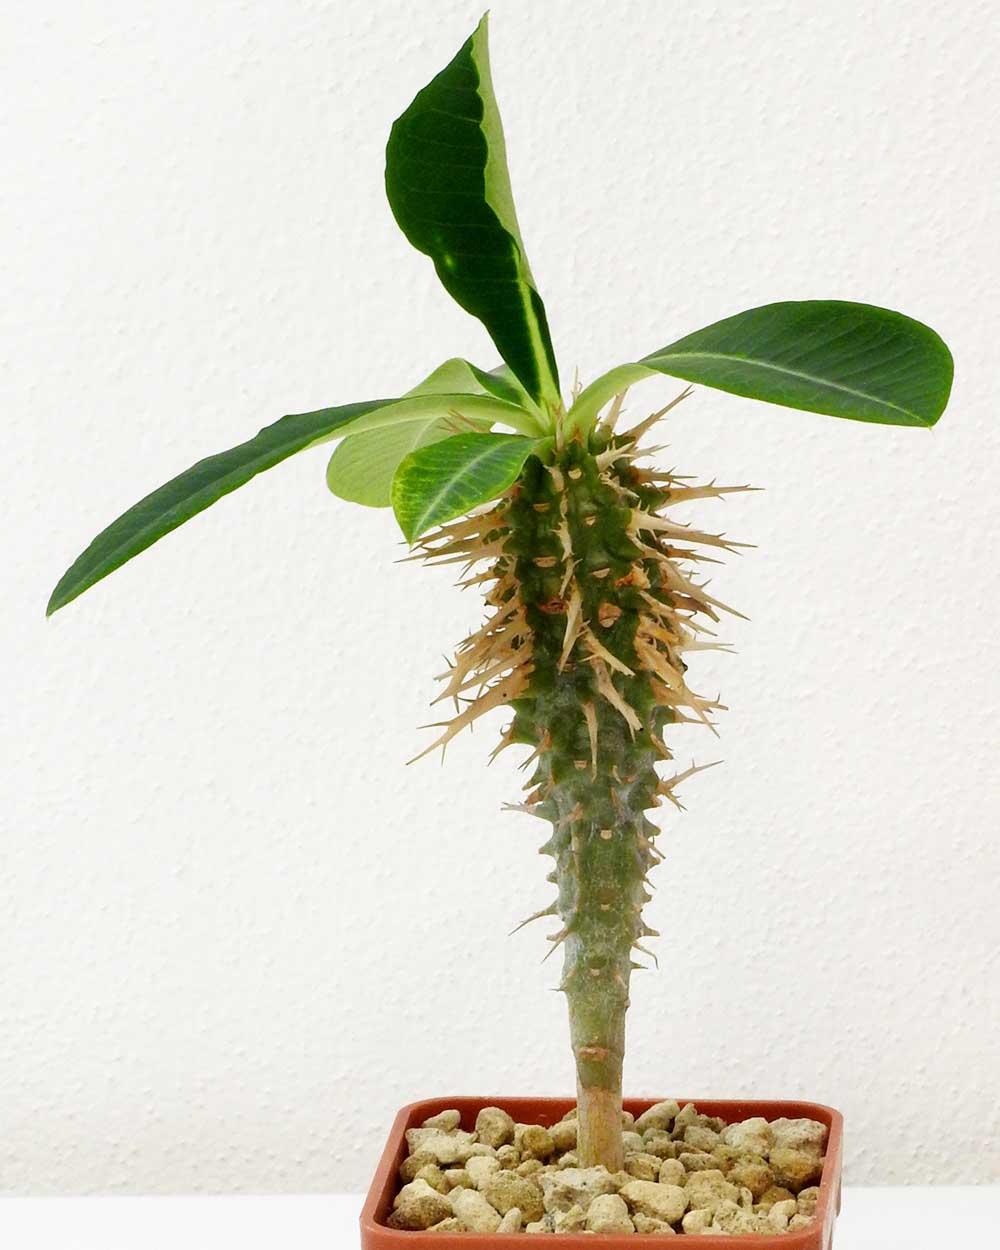 Euphorbia viguieri capuronii – Small